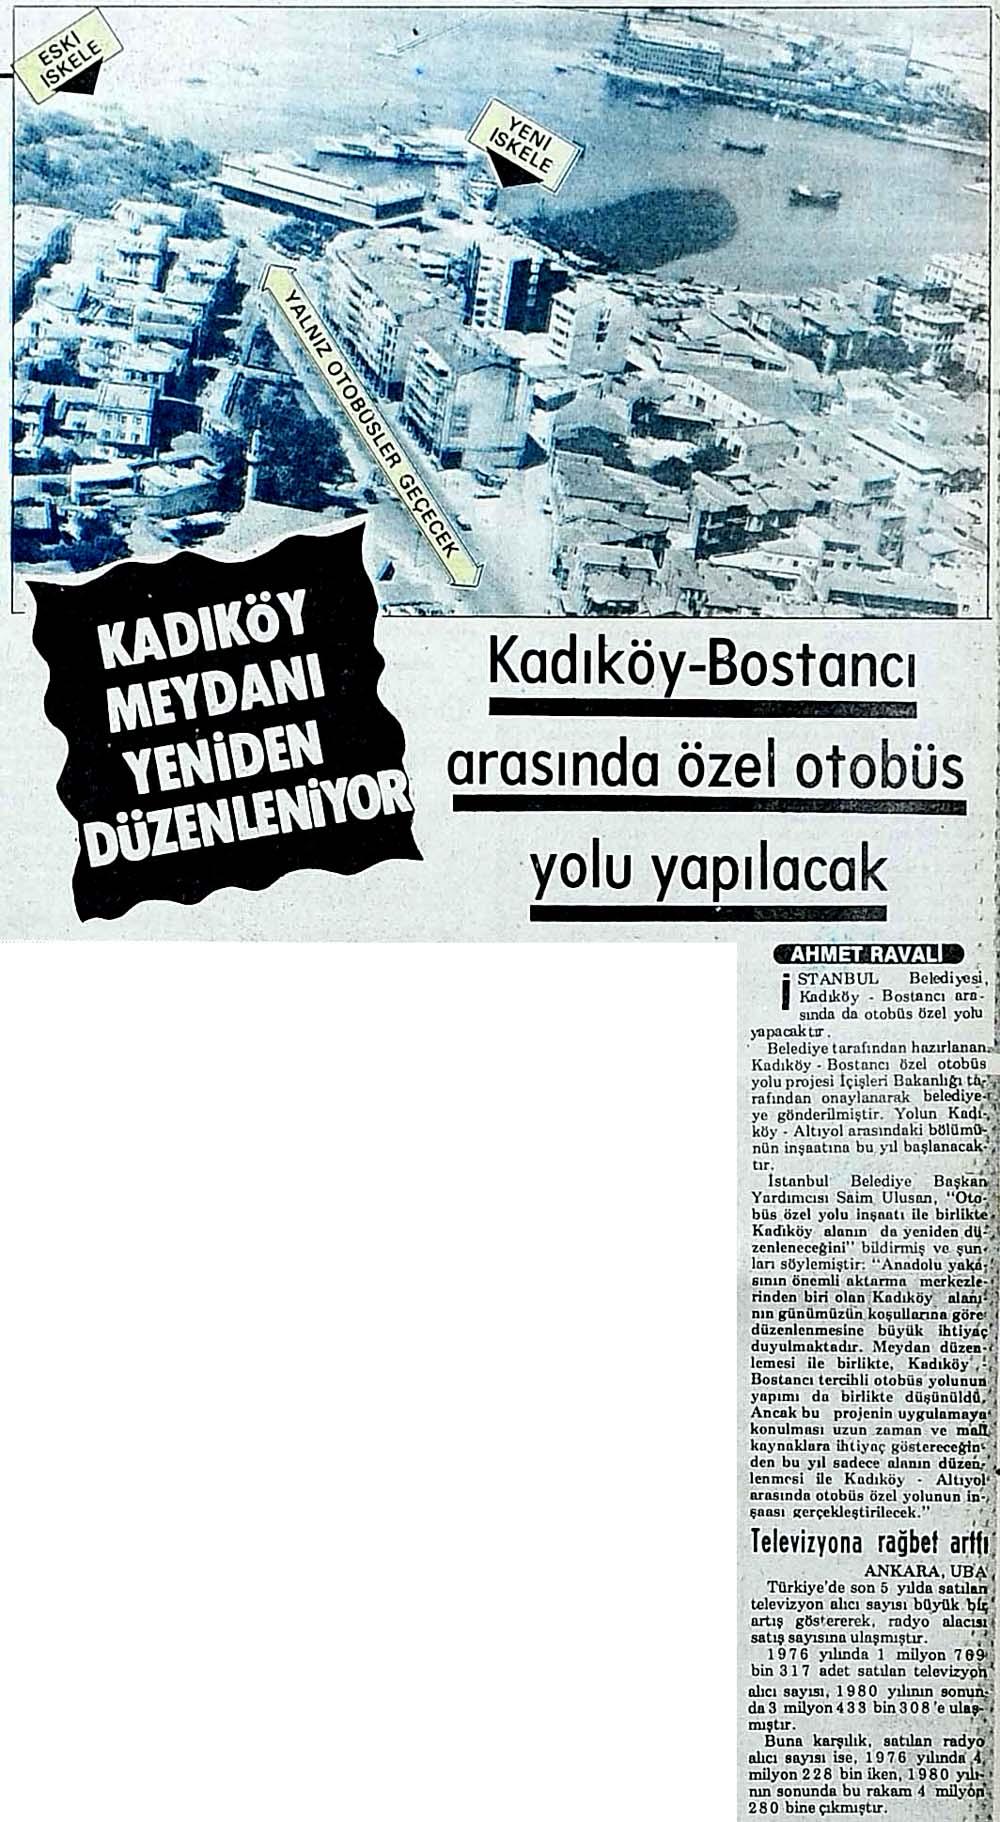 Kadıköy-Bostancı arasında özel otobüs yolu yapılacak